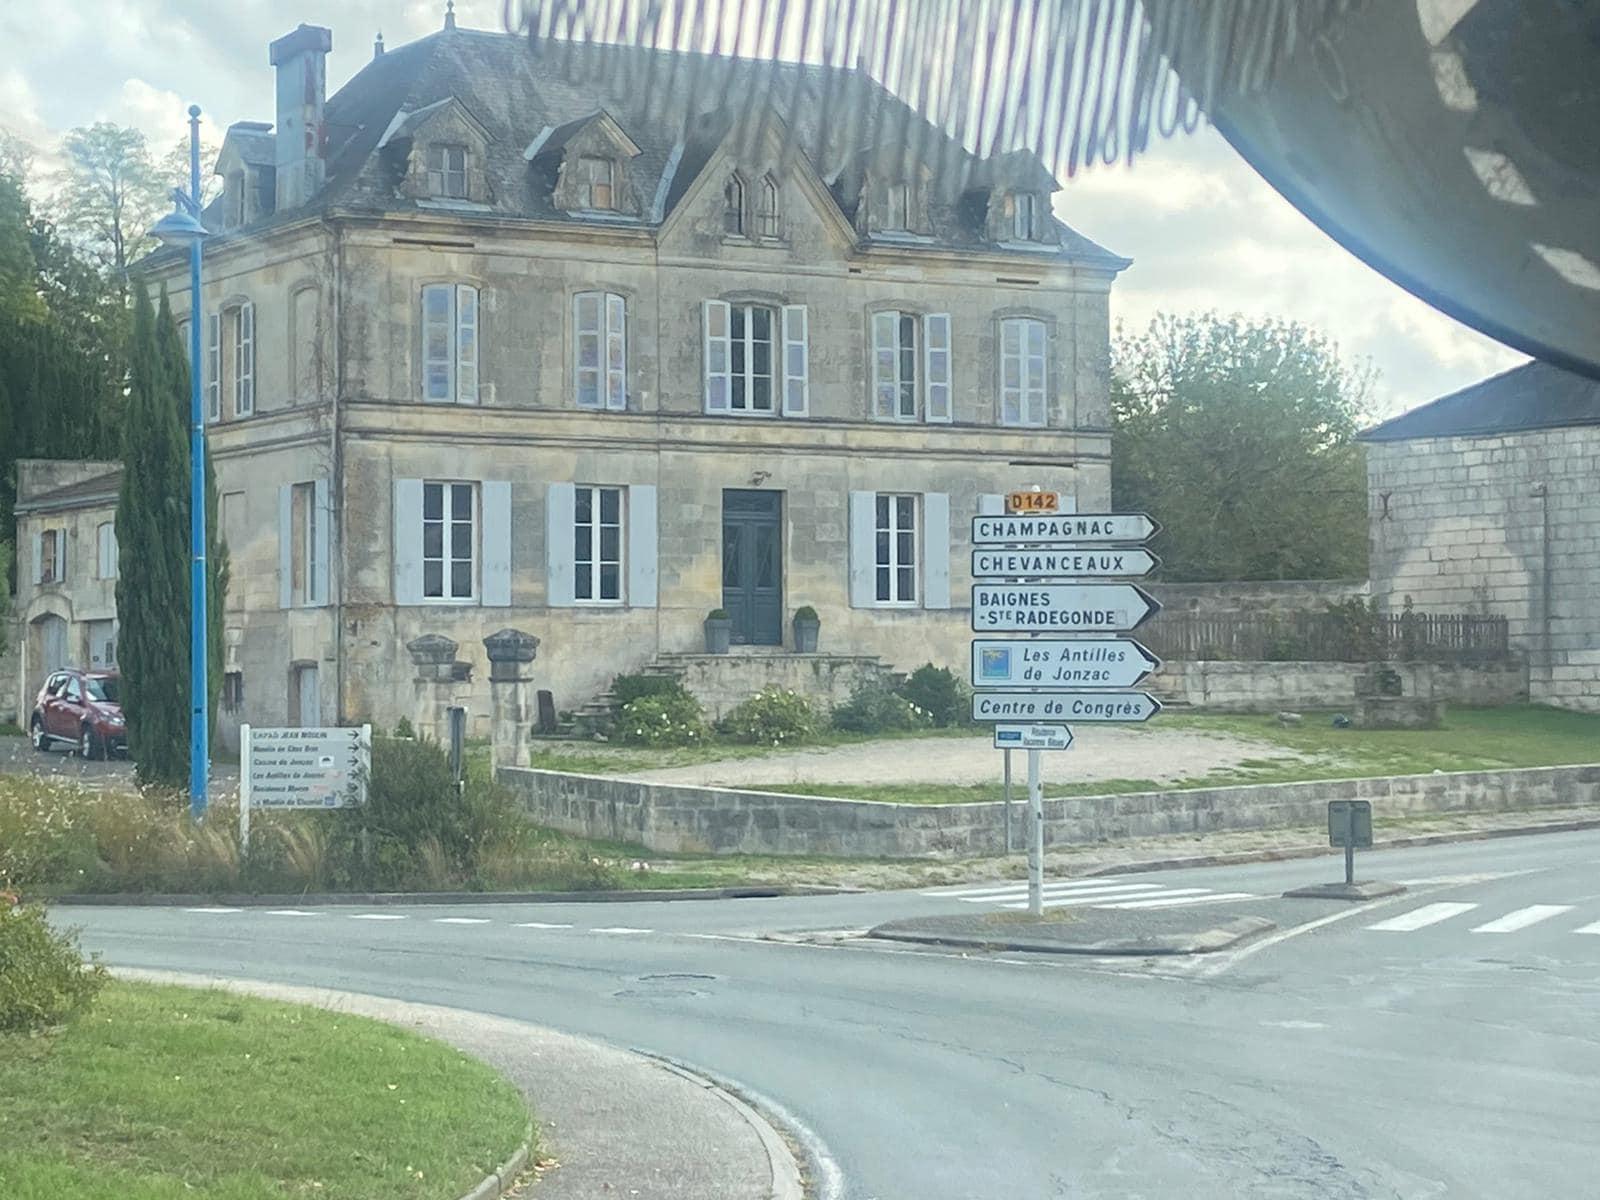 samen-een-mooie-tour-in-de-regio-van-Bordeaux-gemaakt-26-9-2020---(12)